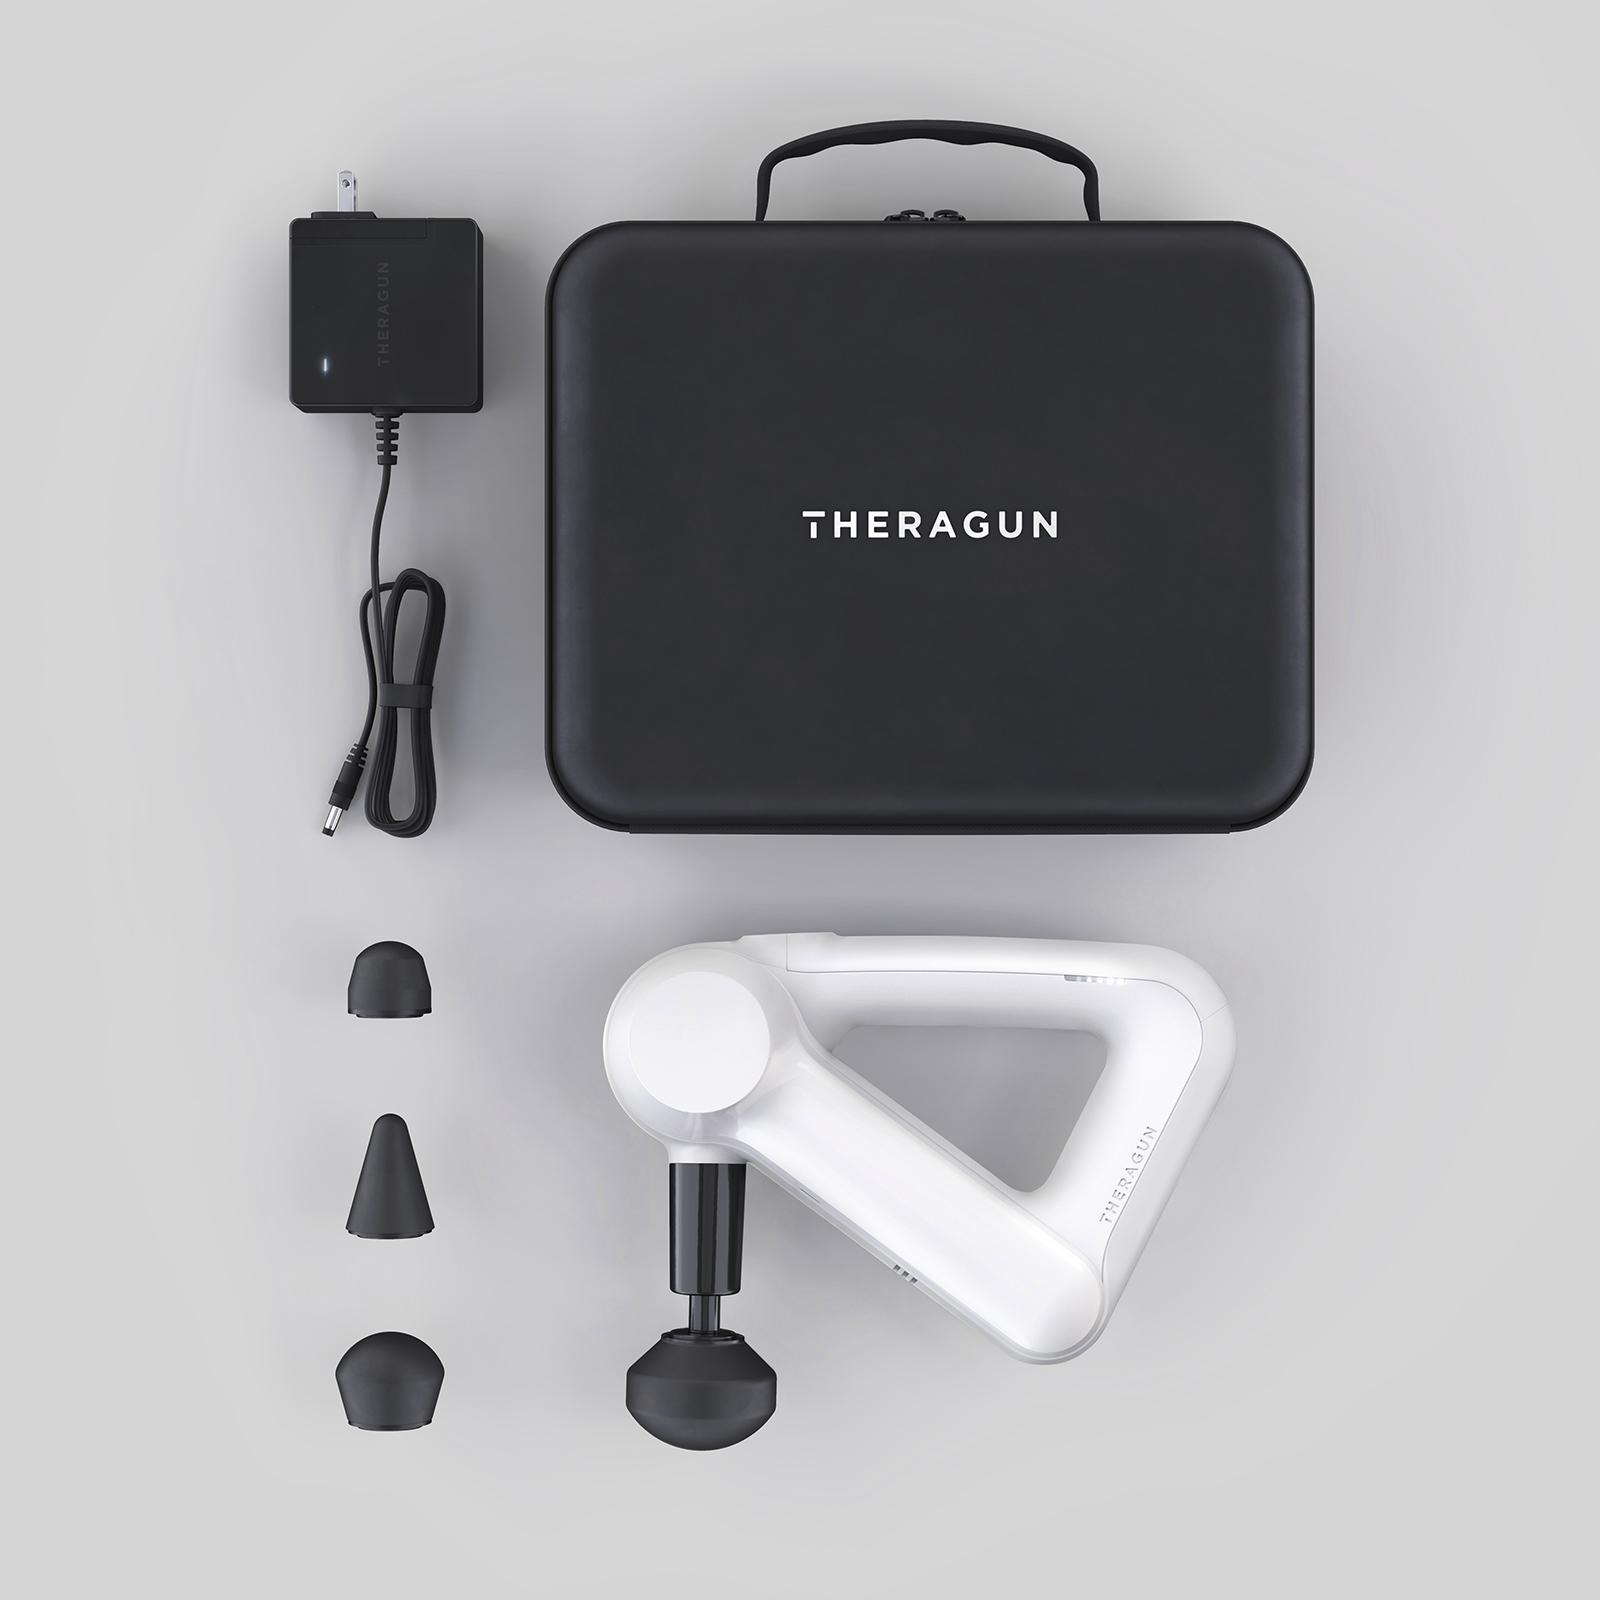 Pistolet de Massage Theragun G3 - 3ème génération